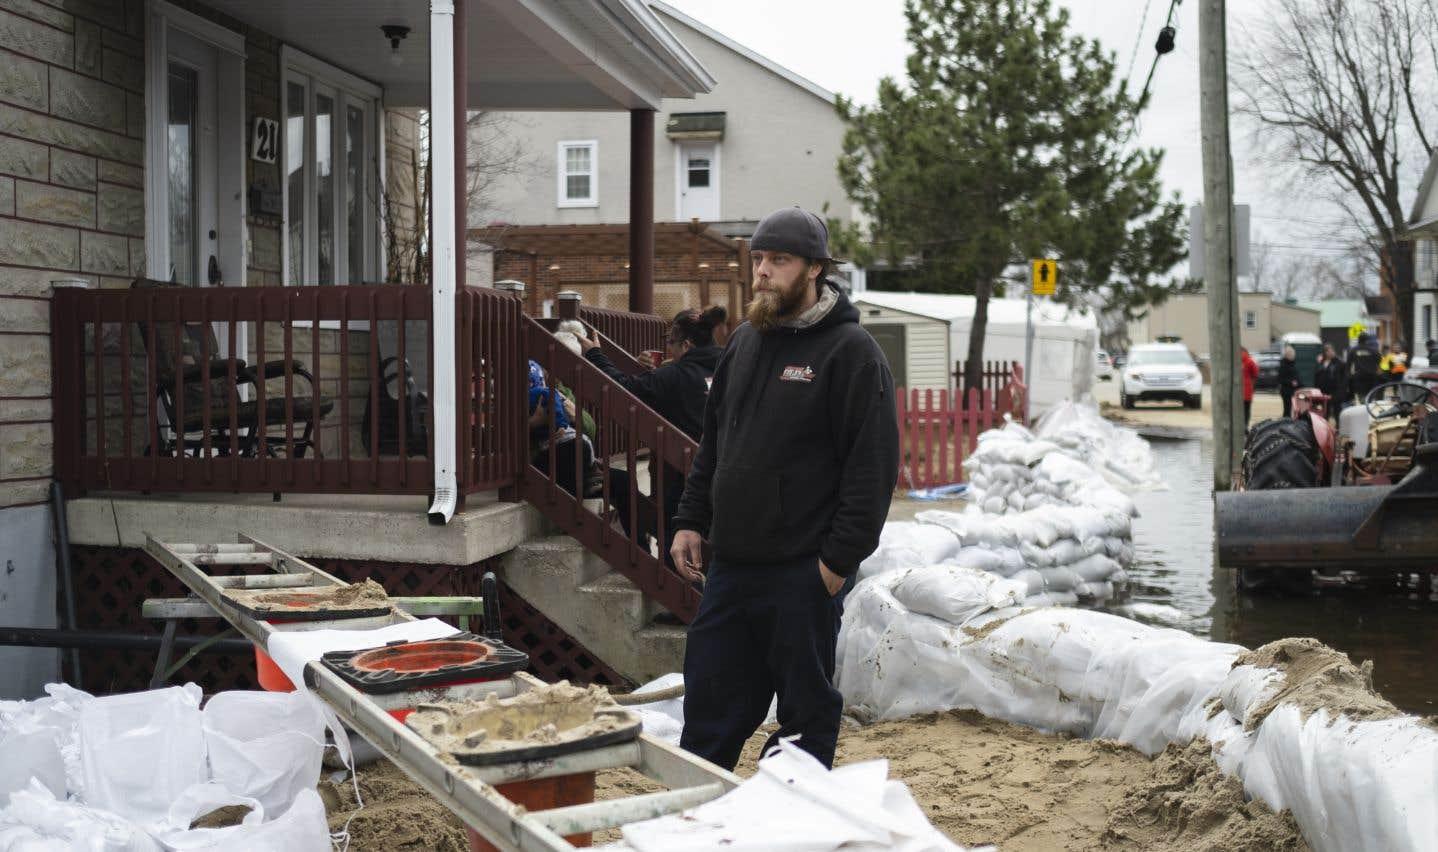 Jour et nuit, sans relâche, depuis plus d'une soixantaine d'heures, Michaël Décoste renforce et entretient la digue, véritable barrière de protection contre la crue de la rivière du Nord pour tout un pâté de maisons.